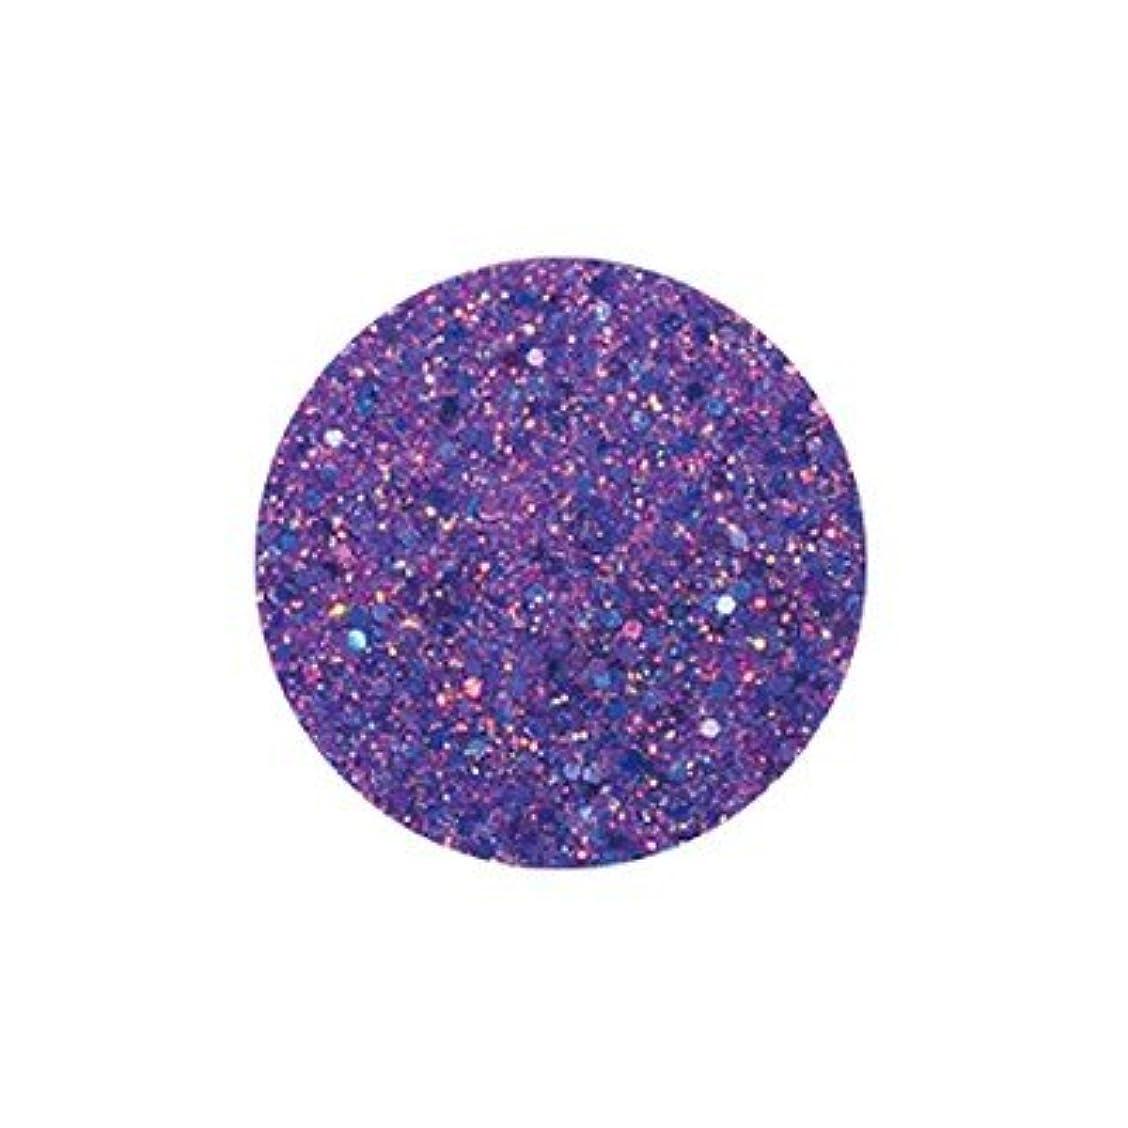 傑出したよろめく精査するFANTASY NAIL ダイヤモンドコレクション 3g 4261XS カラーパウダー アート材